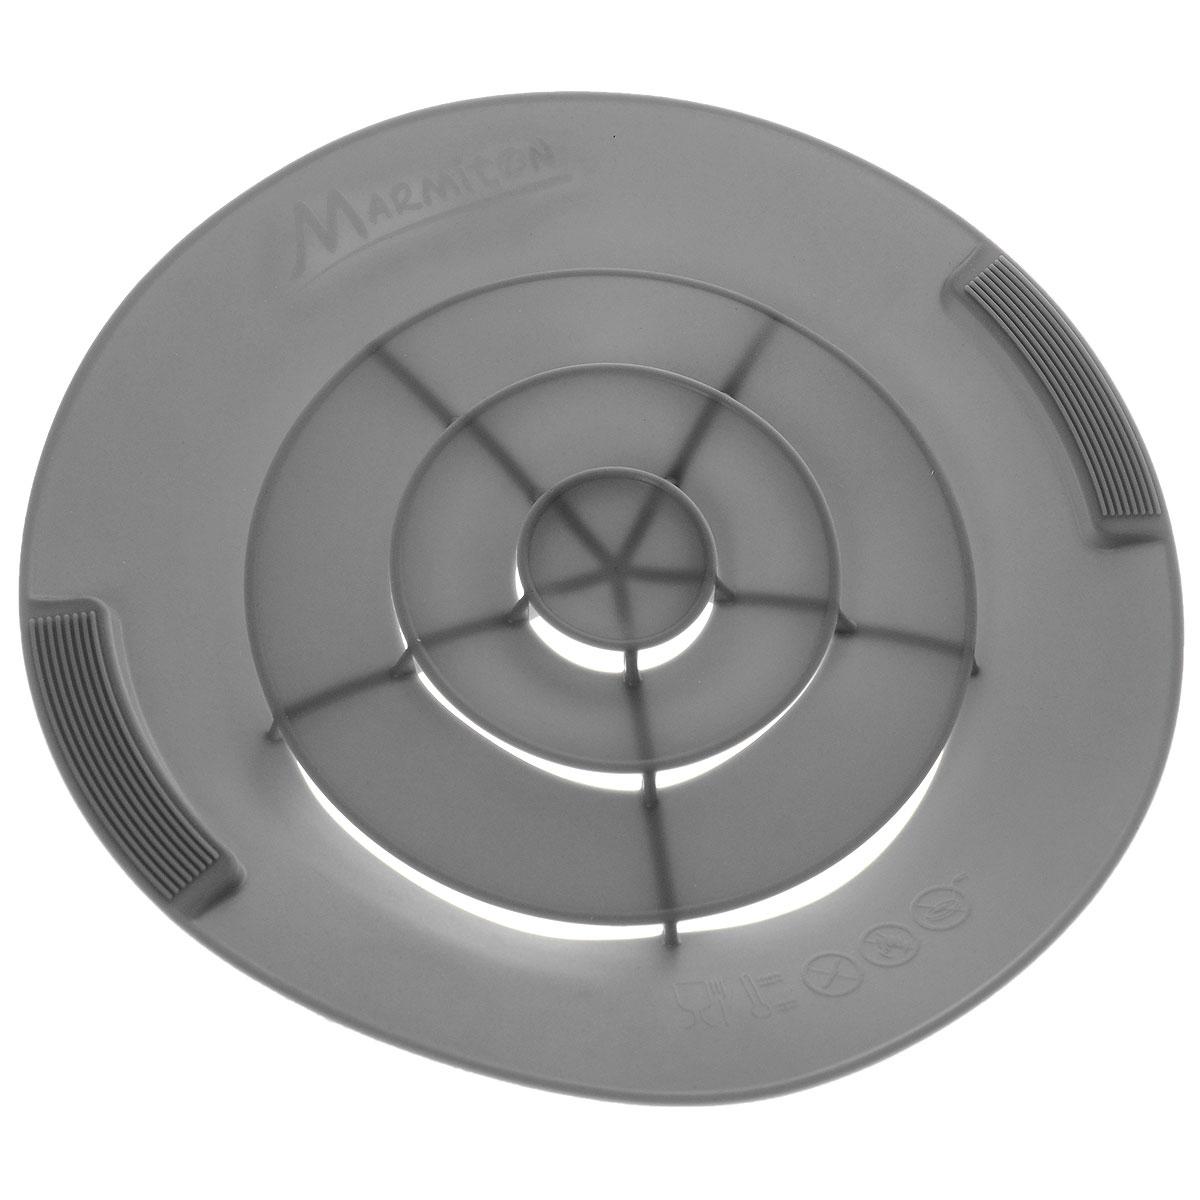 Крышка силиконовая от накипи Marmiton, цвет: серый. Диаметр 28 см17048_серыйСиликоновая крышка Marmiton предназначена для предохранения готовящихся продуктов от выкипания. Это настоящий прорыв в кухонных технологиях и отличная альтернатива обычным крышкам. Она устроена таким образом, что пенящий бурлящий поток поднимается и сквозь специальные лепестки выходит наверх крышки, оставляя варочную поверхность сухой и чистой, даже если вы оставите готовящуюся пищу без присмотра надолго. С такой крышкой у вас ничего не убежит и не выкипит, не останется брызг от раскаленного масла, все останется в посуде и приготовится на максимально возможной температуре, сэкономив ваше время и энергию. Преимущества: - Предотвращает от выкипания. - Предотвращает беспорядок на кухне. - Подходит для любой посуды диаметром от 14 до 28 см. - Экономит время и энергию. Можно использовать на плите, в духовом шкафу и микроволновой печи. Сохраняет свежесть продуктов при хранении в холодильнике. Можно мыть в посудомоечной машине.